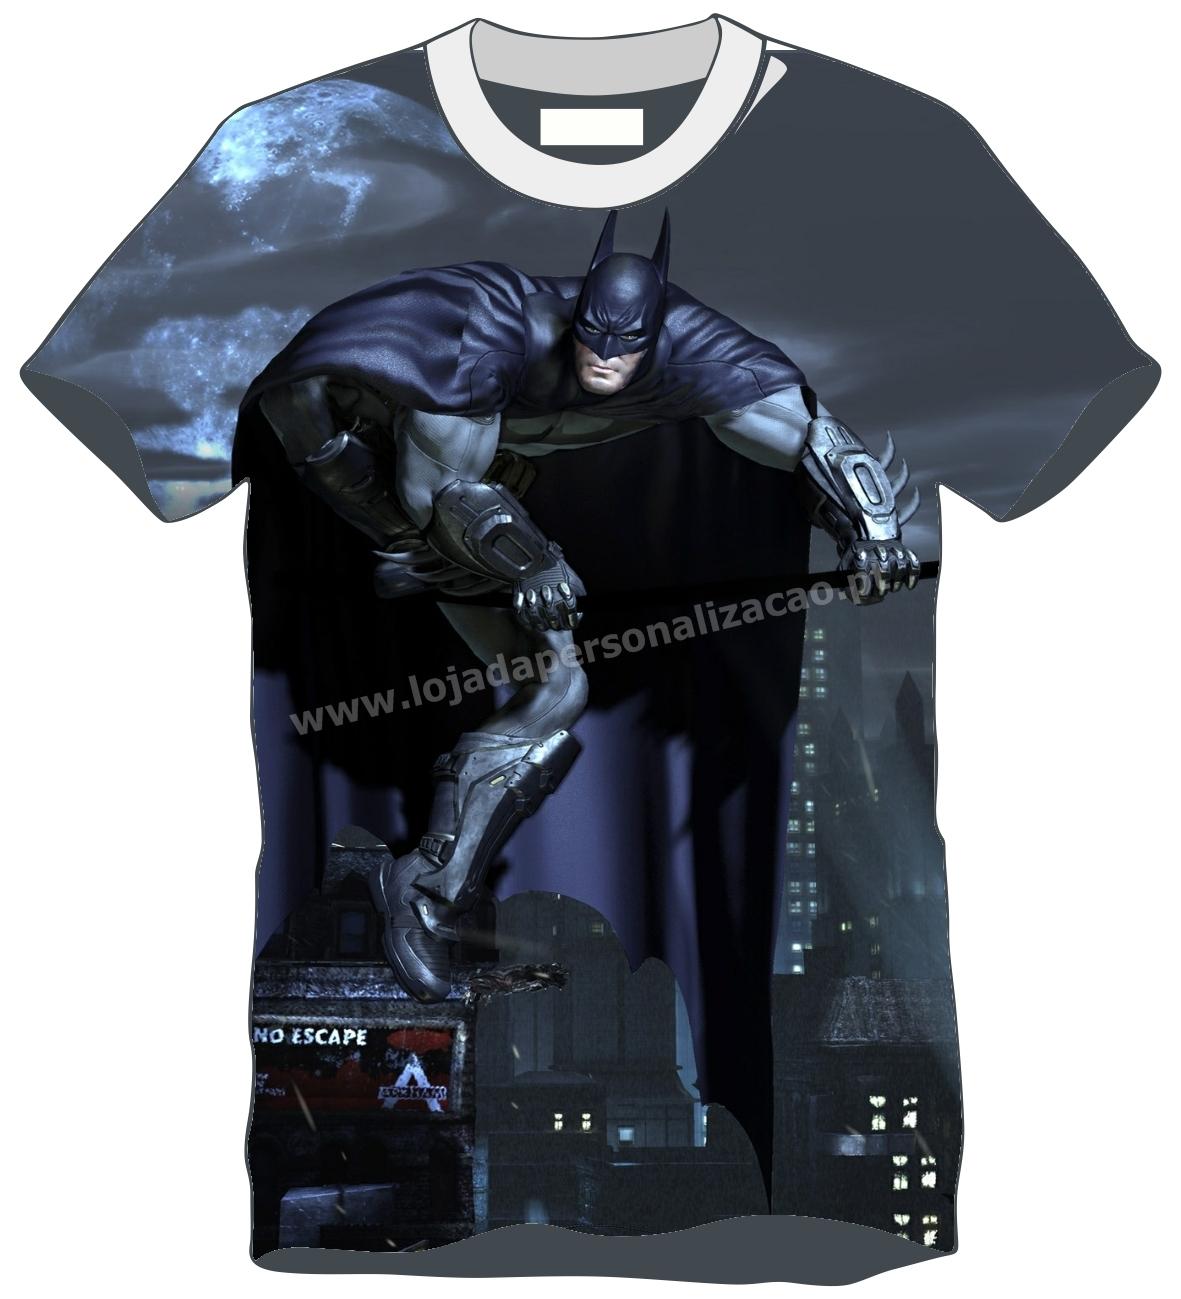 T-Shirt Art (7)